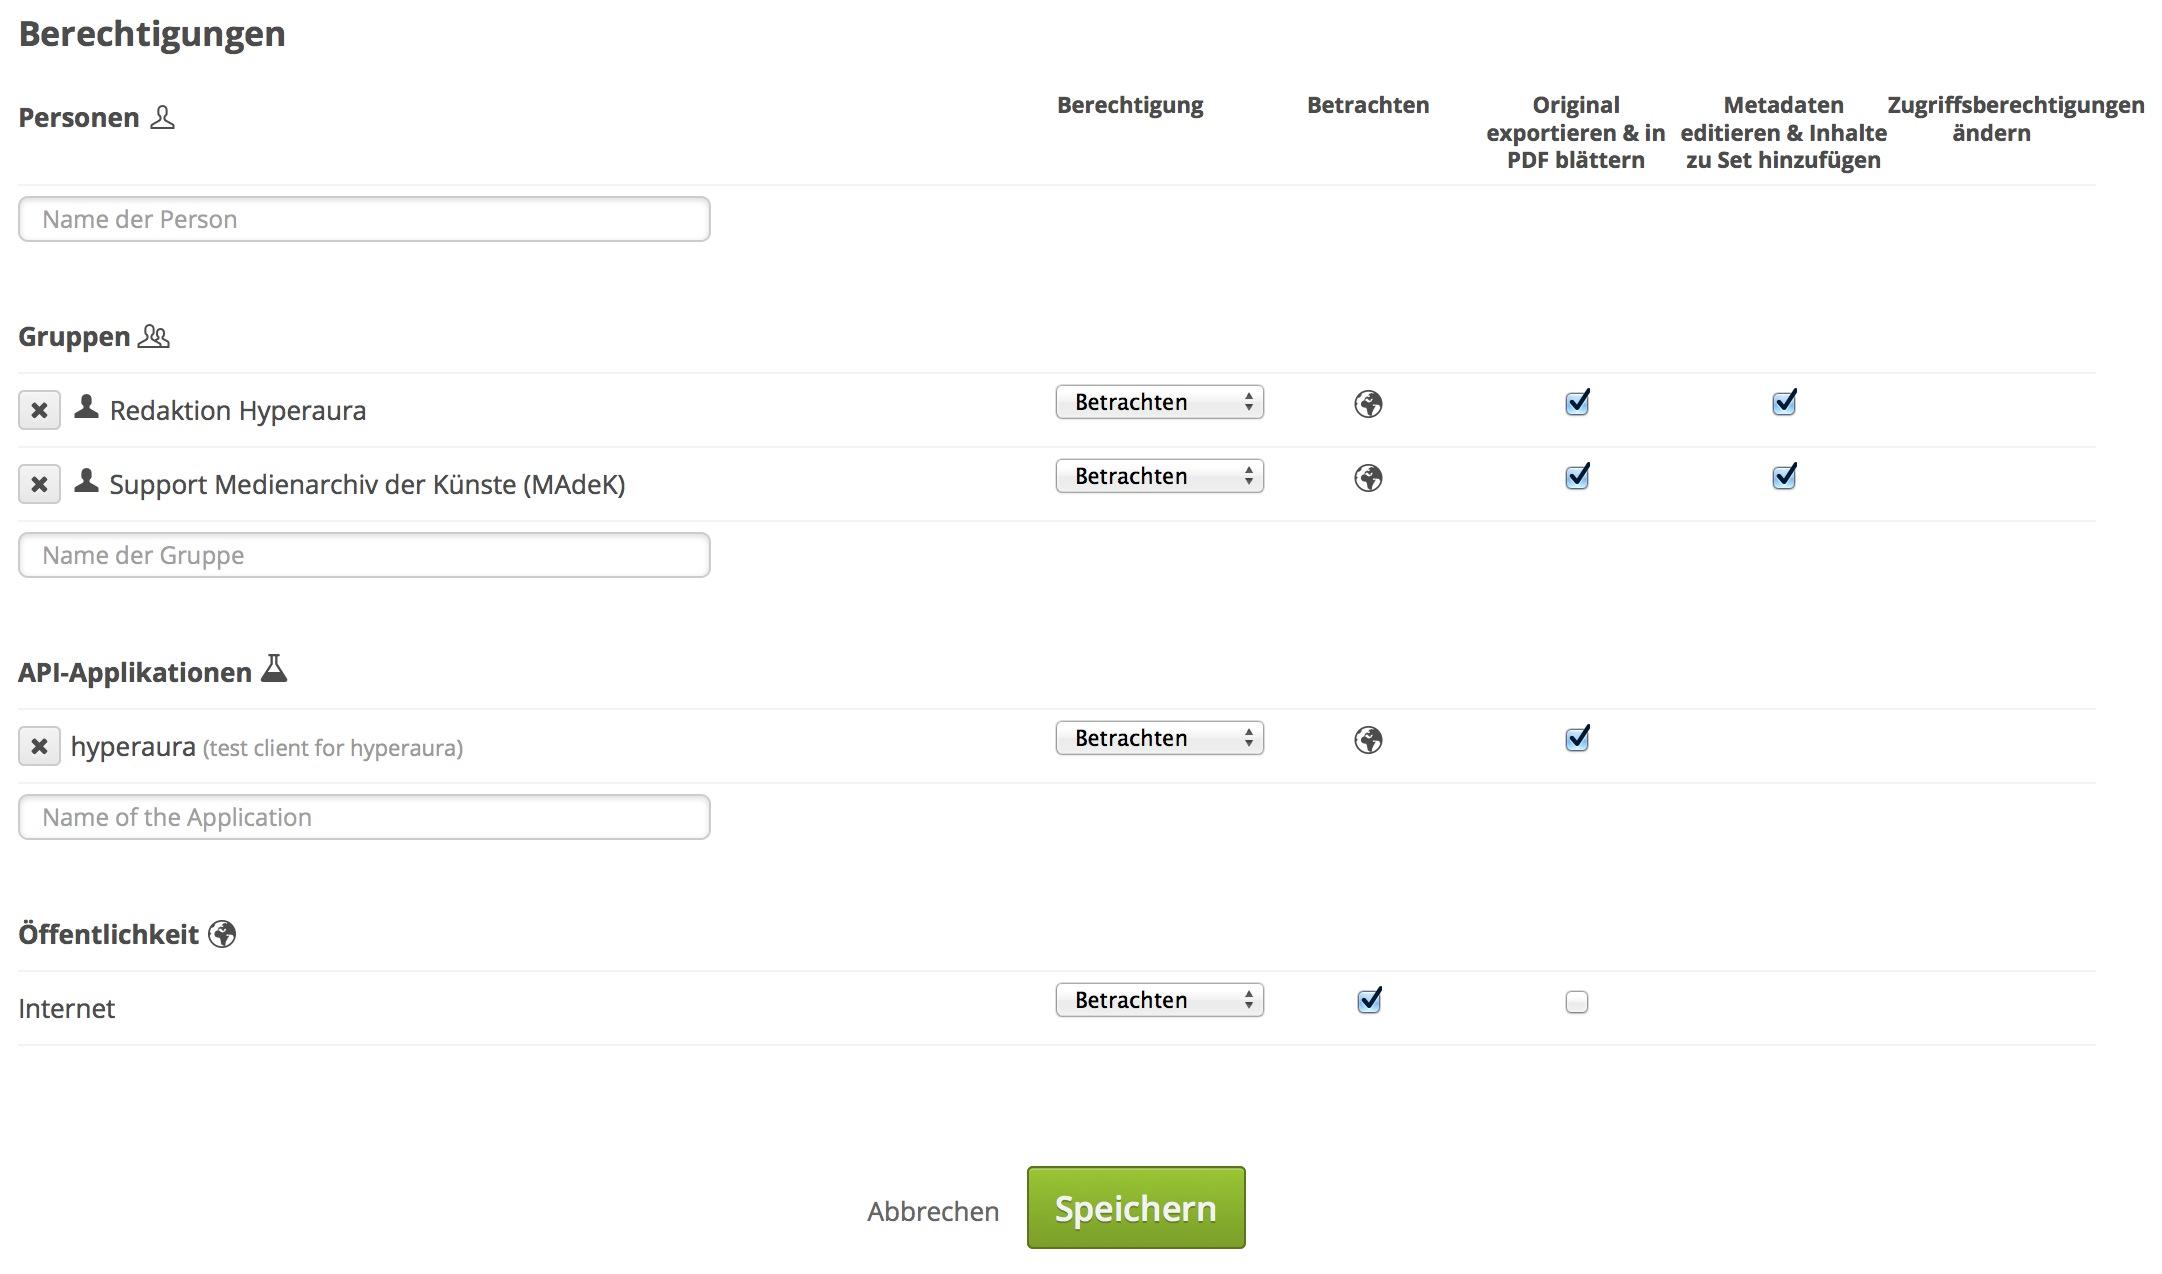 Großartig Wordpress Wiki Vorlage Ideen - Entry Level Resume Vorlagen ...